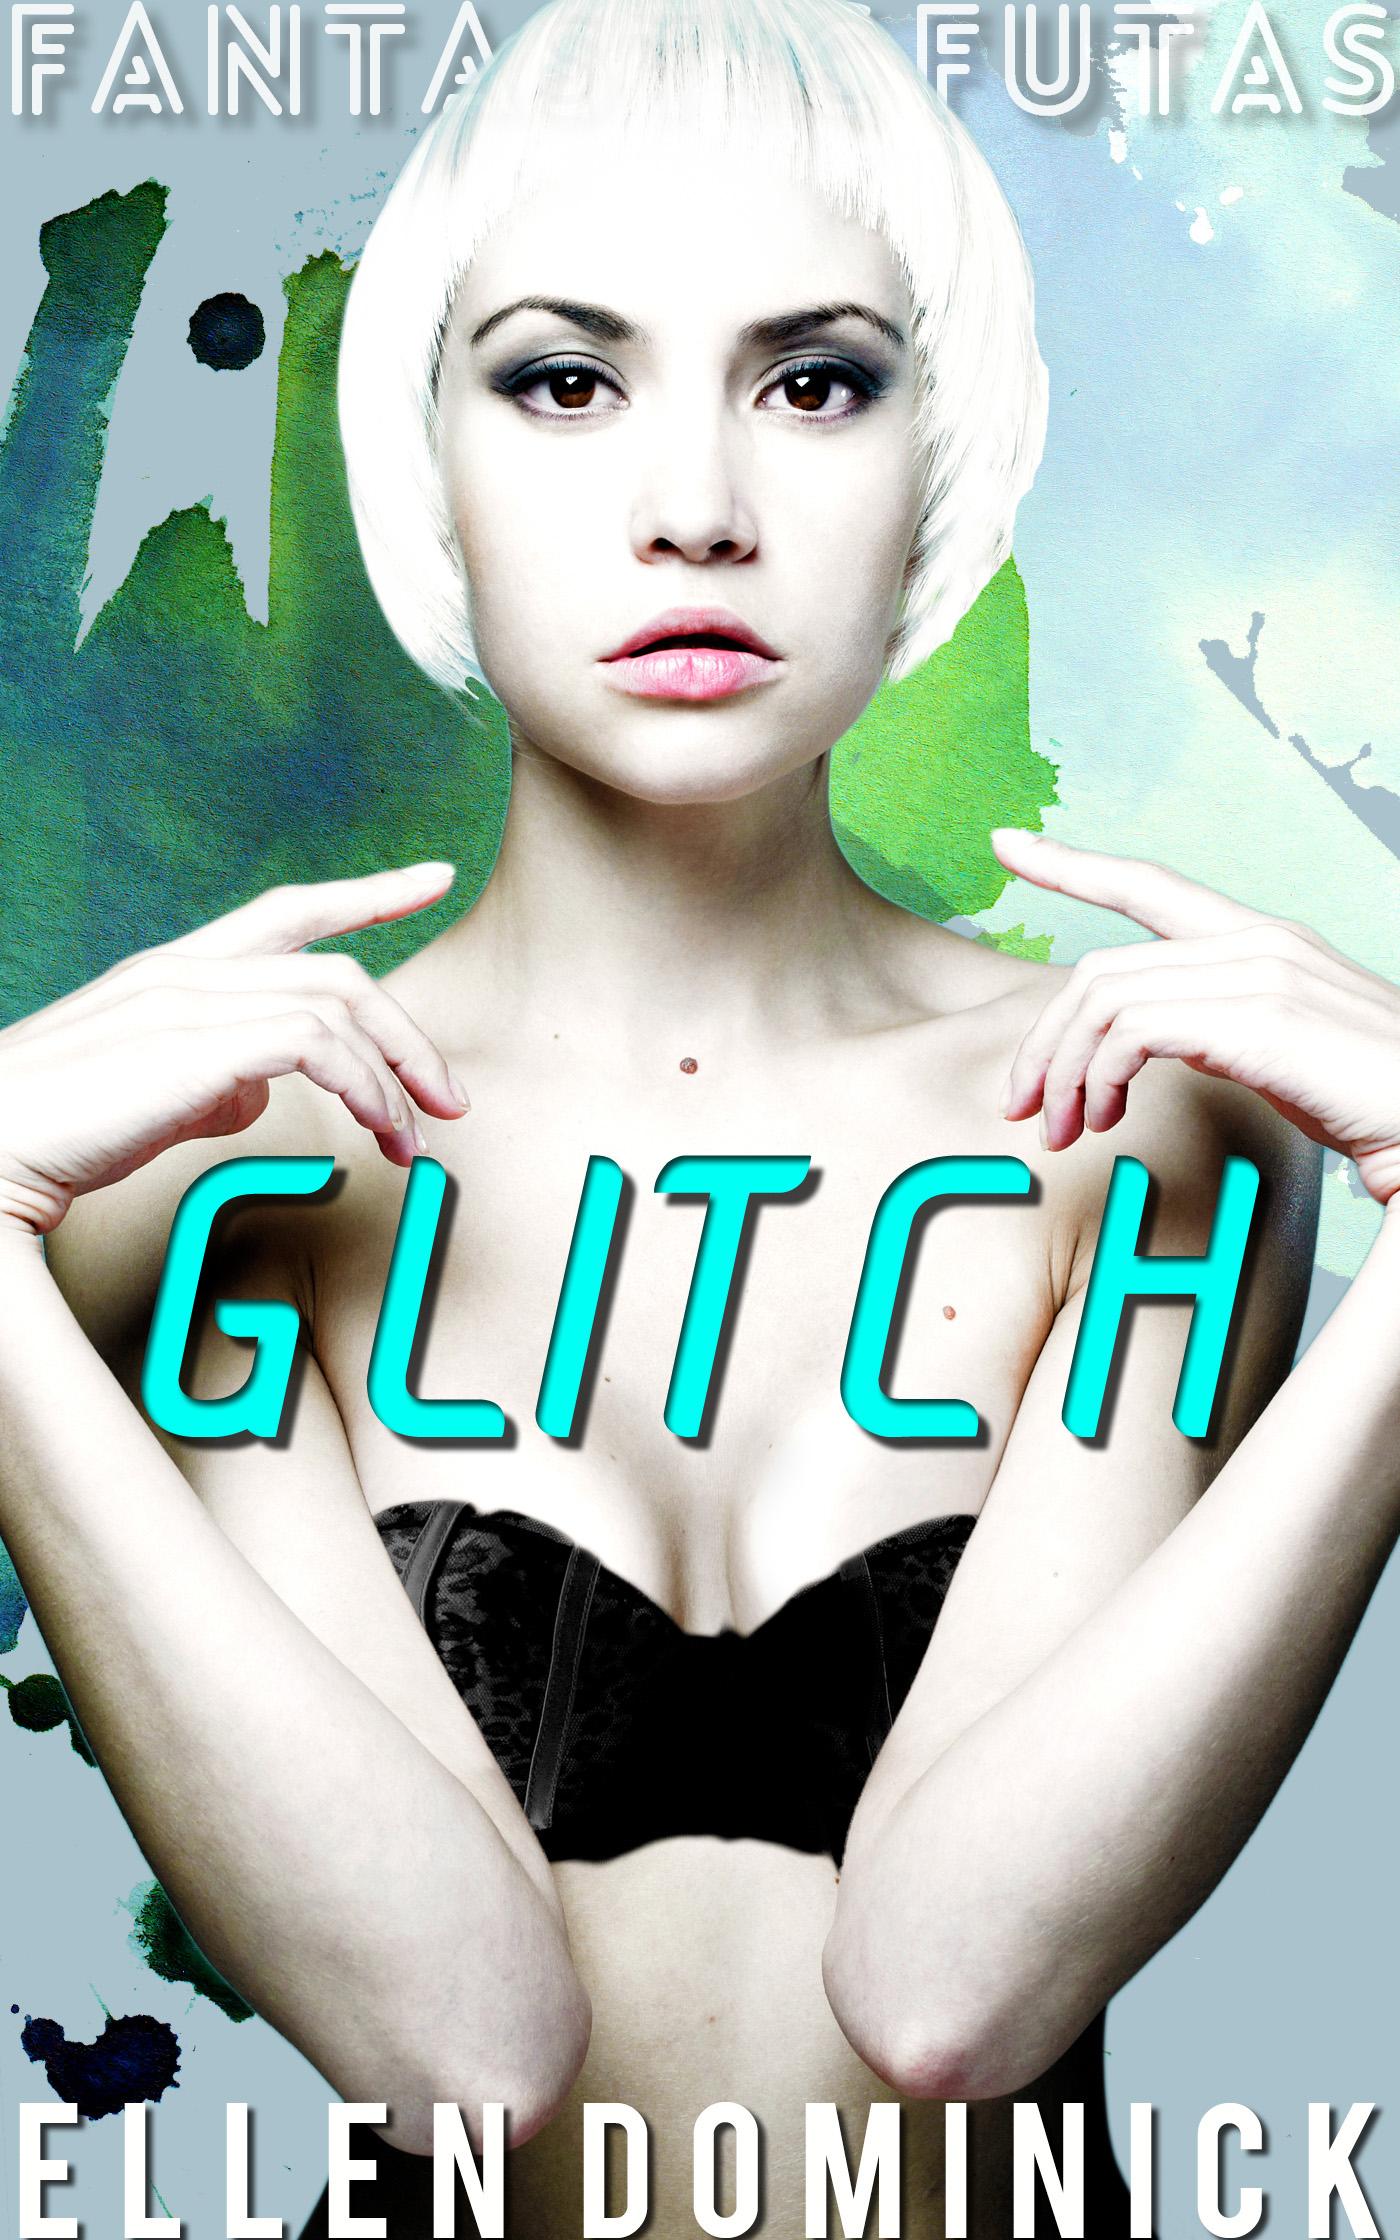 Glitch (fantastic futas book 2)